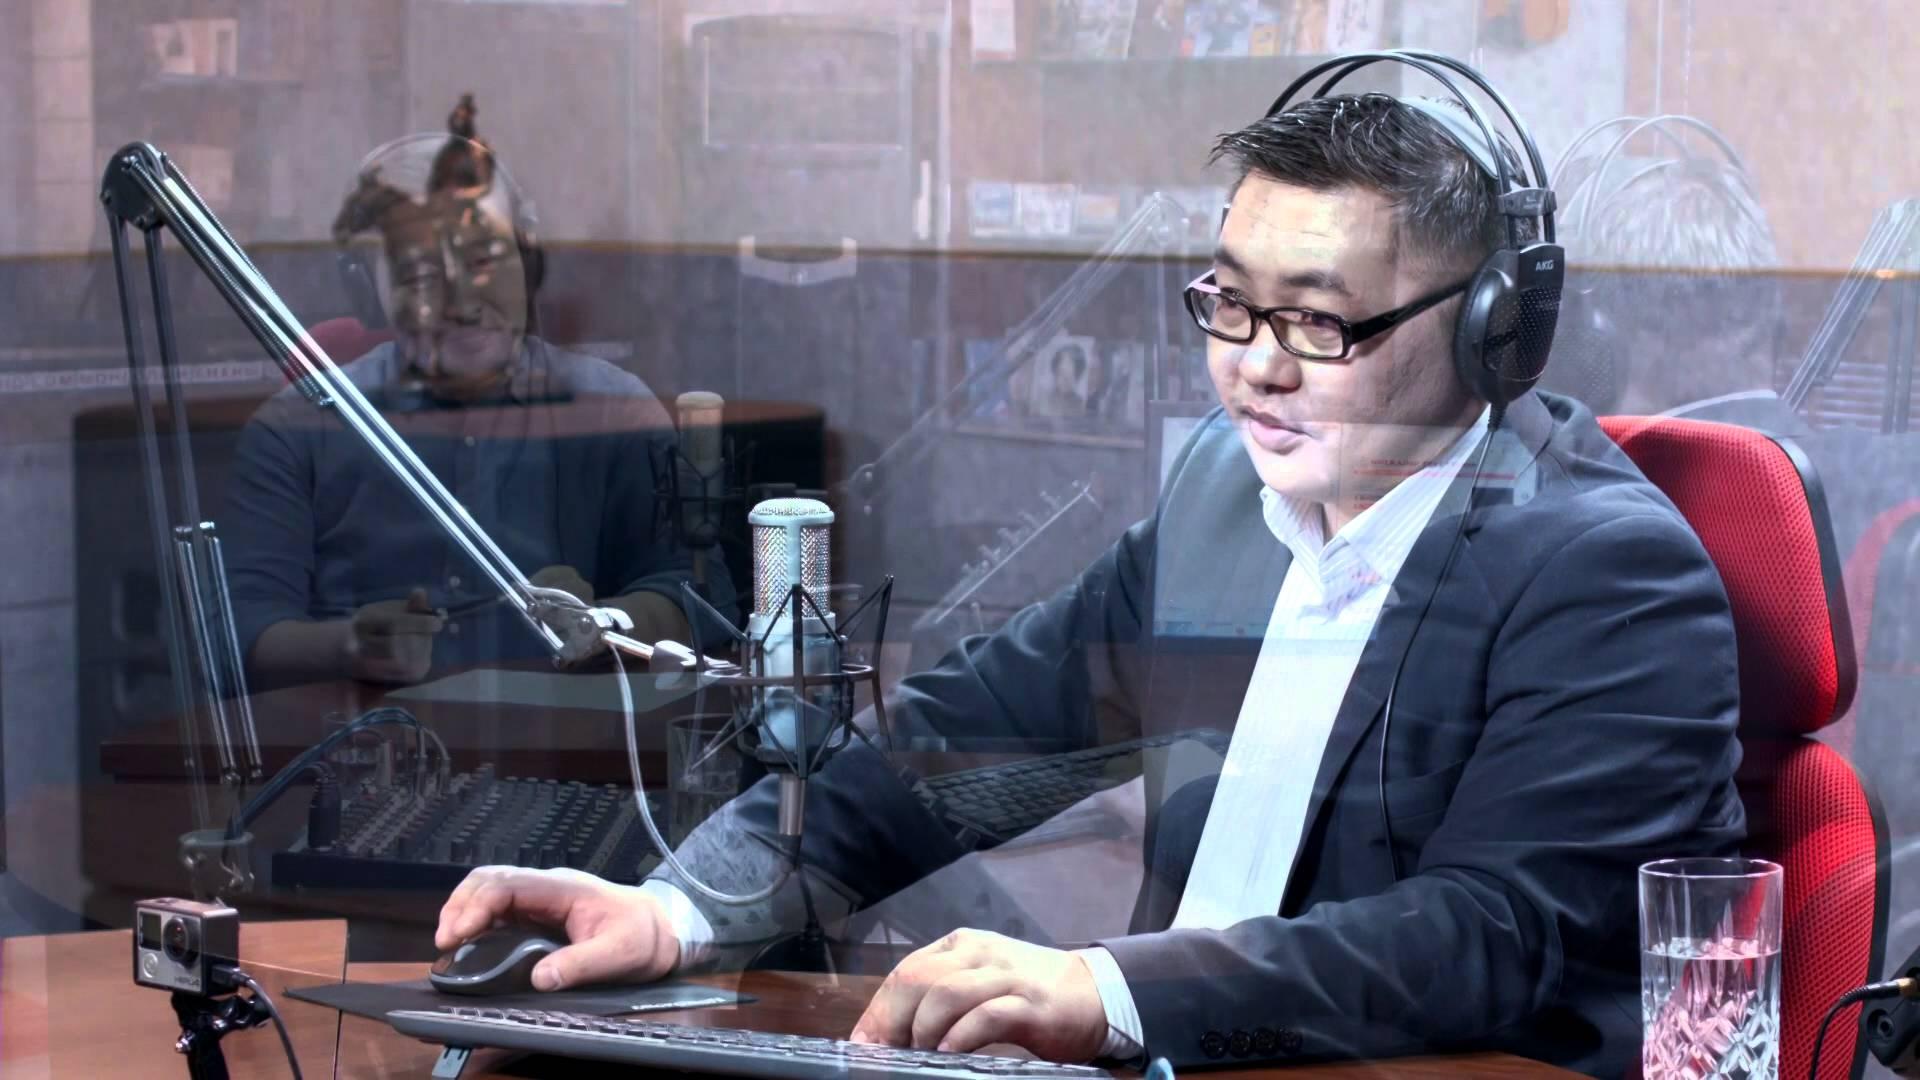 100 Асуулт & 100 Хариулт - Хера группийн ерөнхий захирал X.Ганхуяг